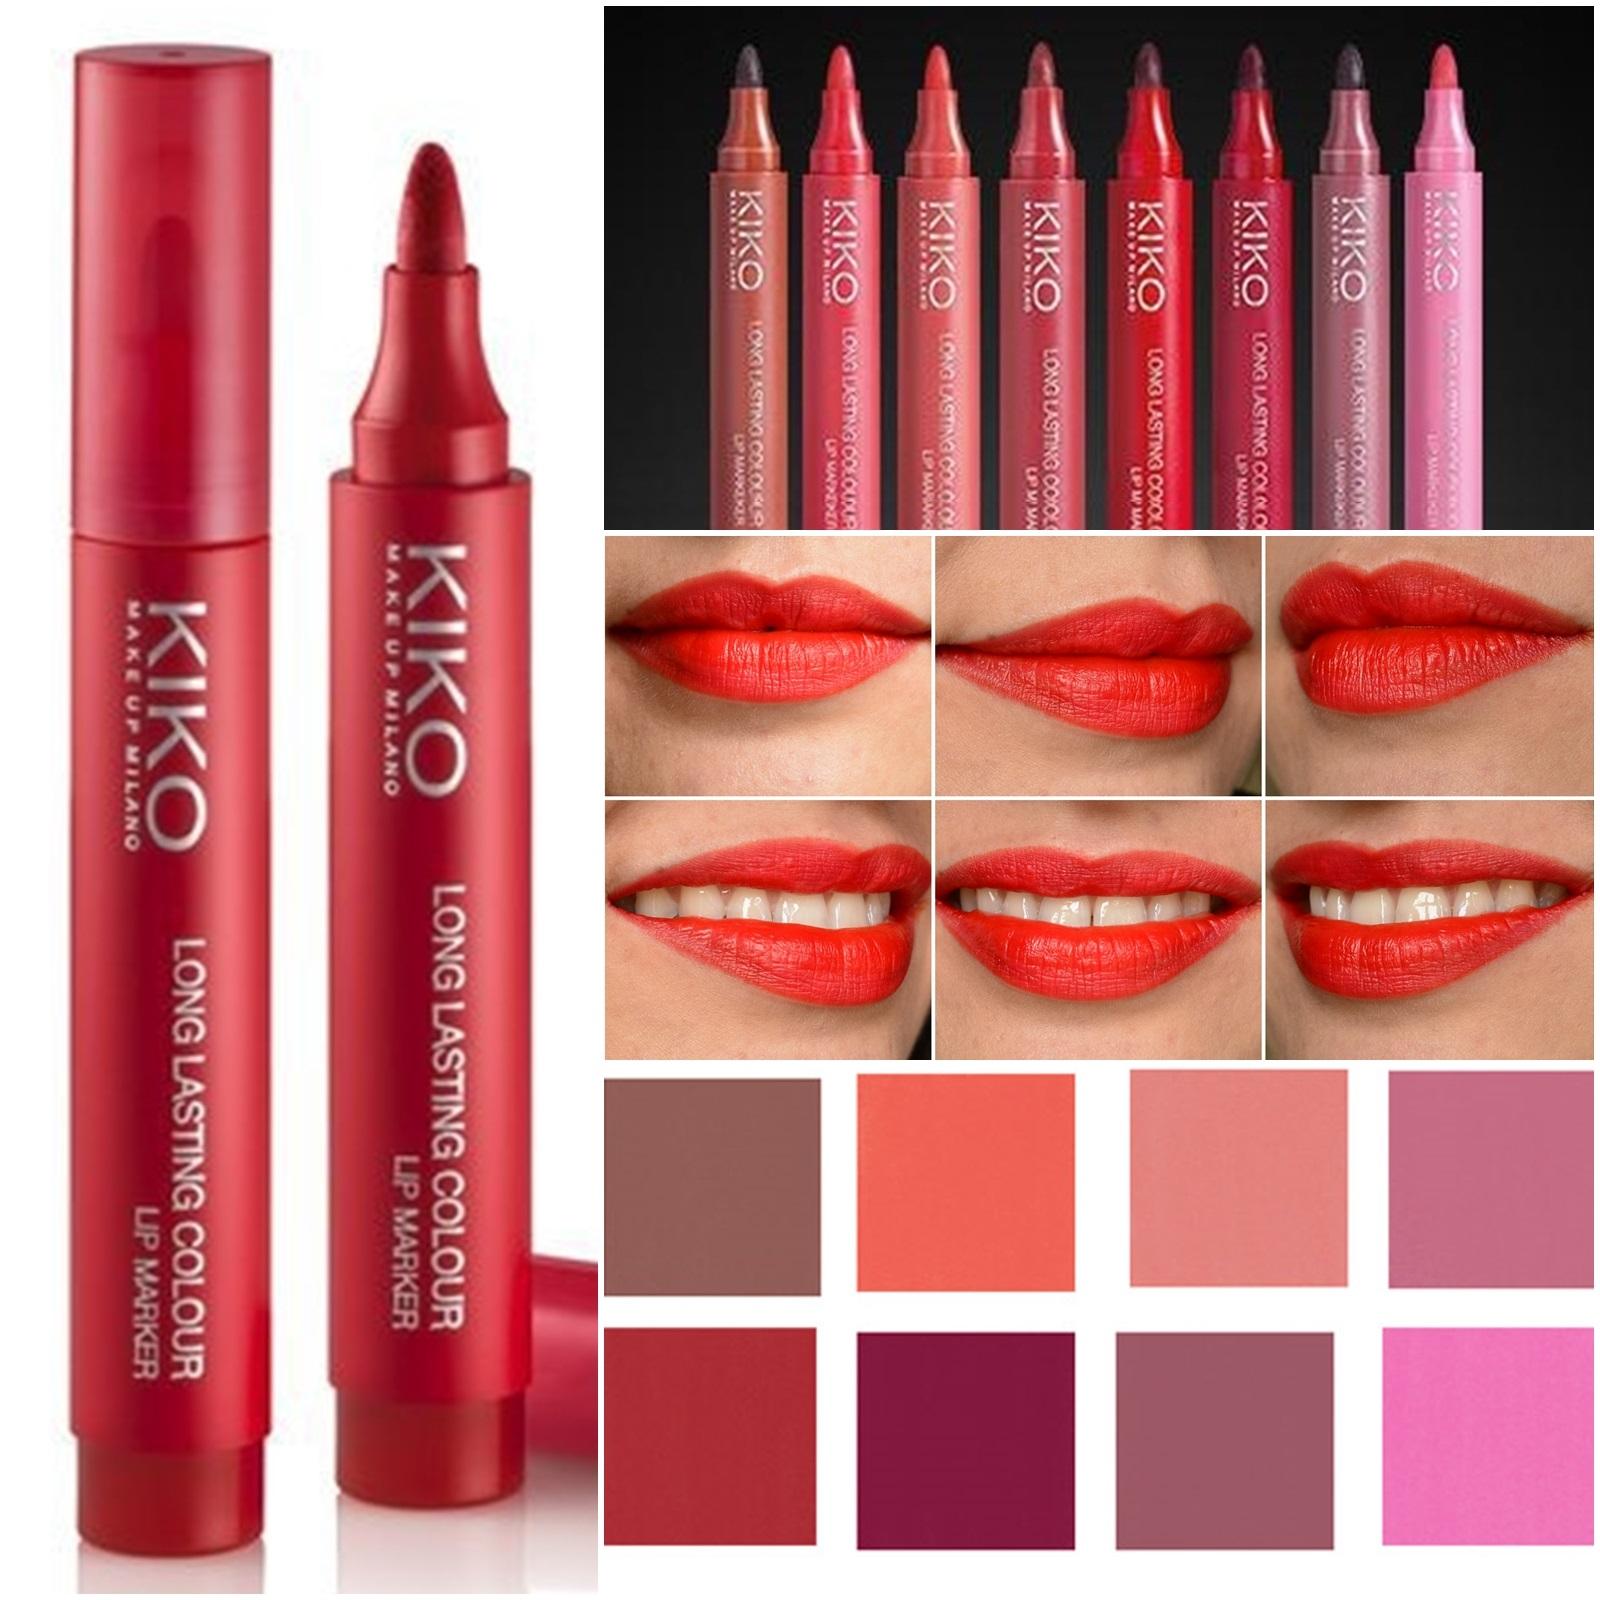 resenha-long-lasting-colour-lip-marker-kiko-cosmetics-102-rosso-geranio-7